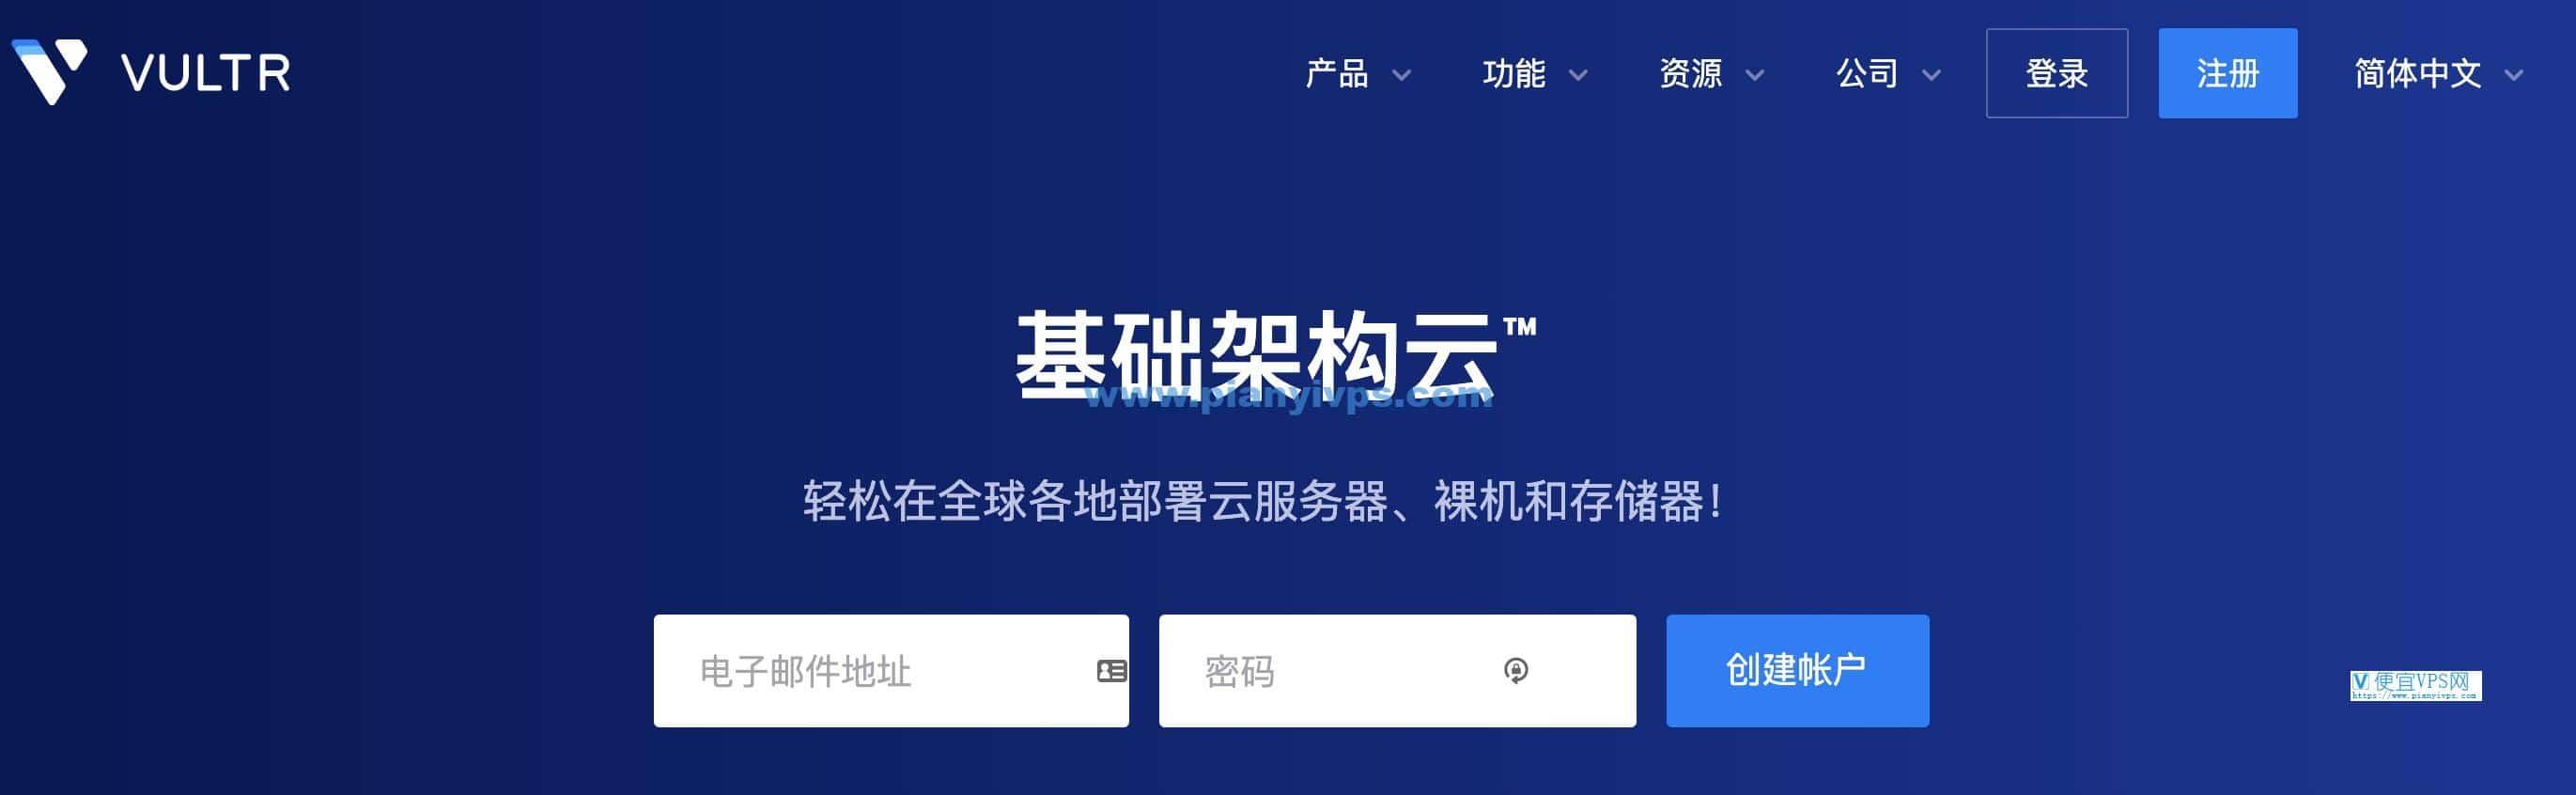 Vultr 中文版官网